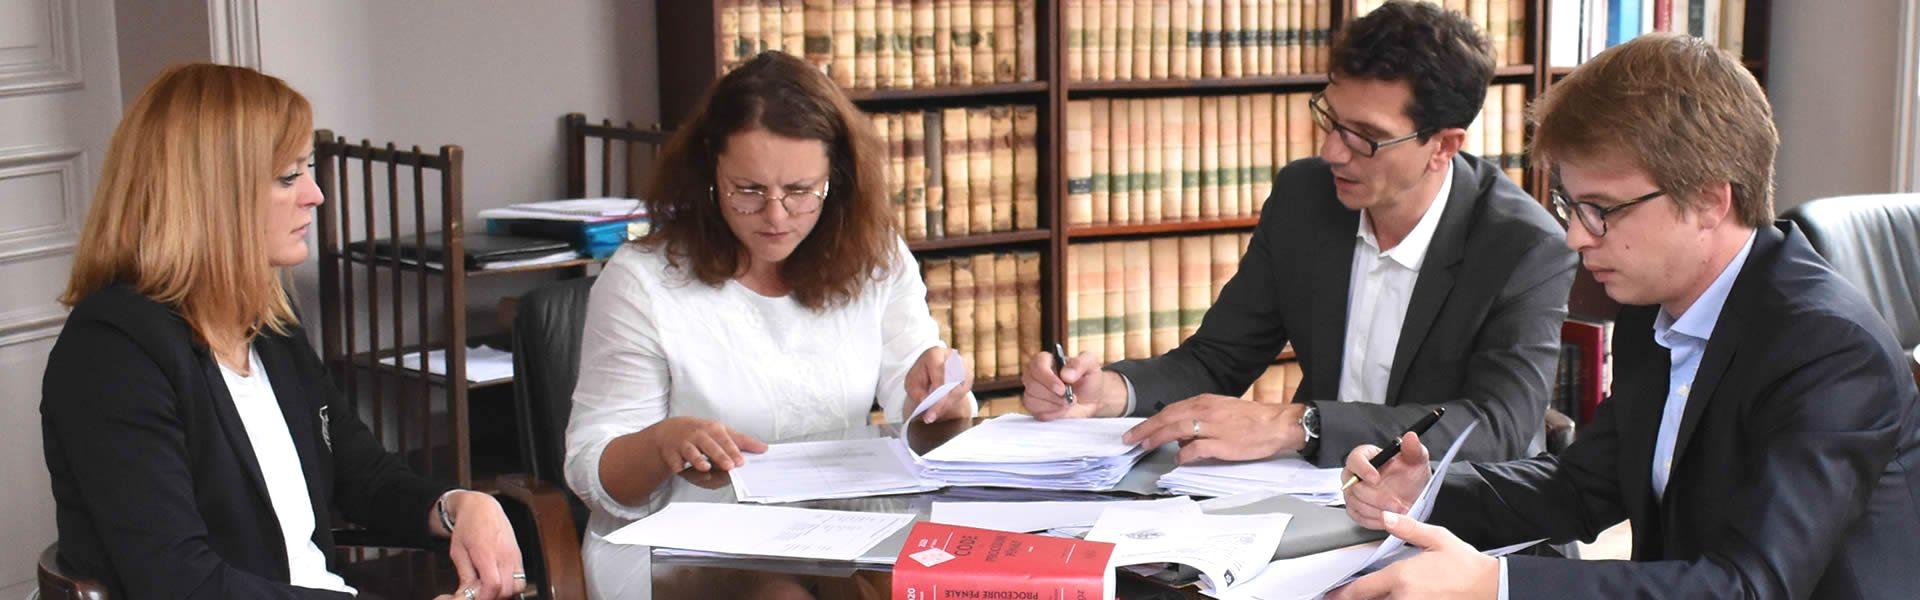 Cabinet d'avocats Brochen Goeminne